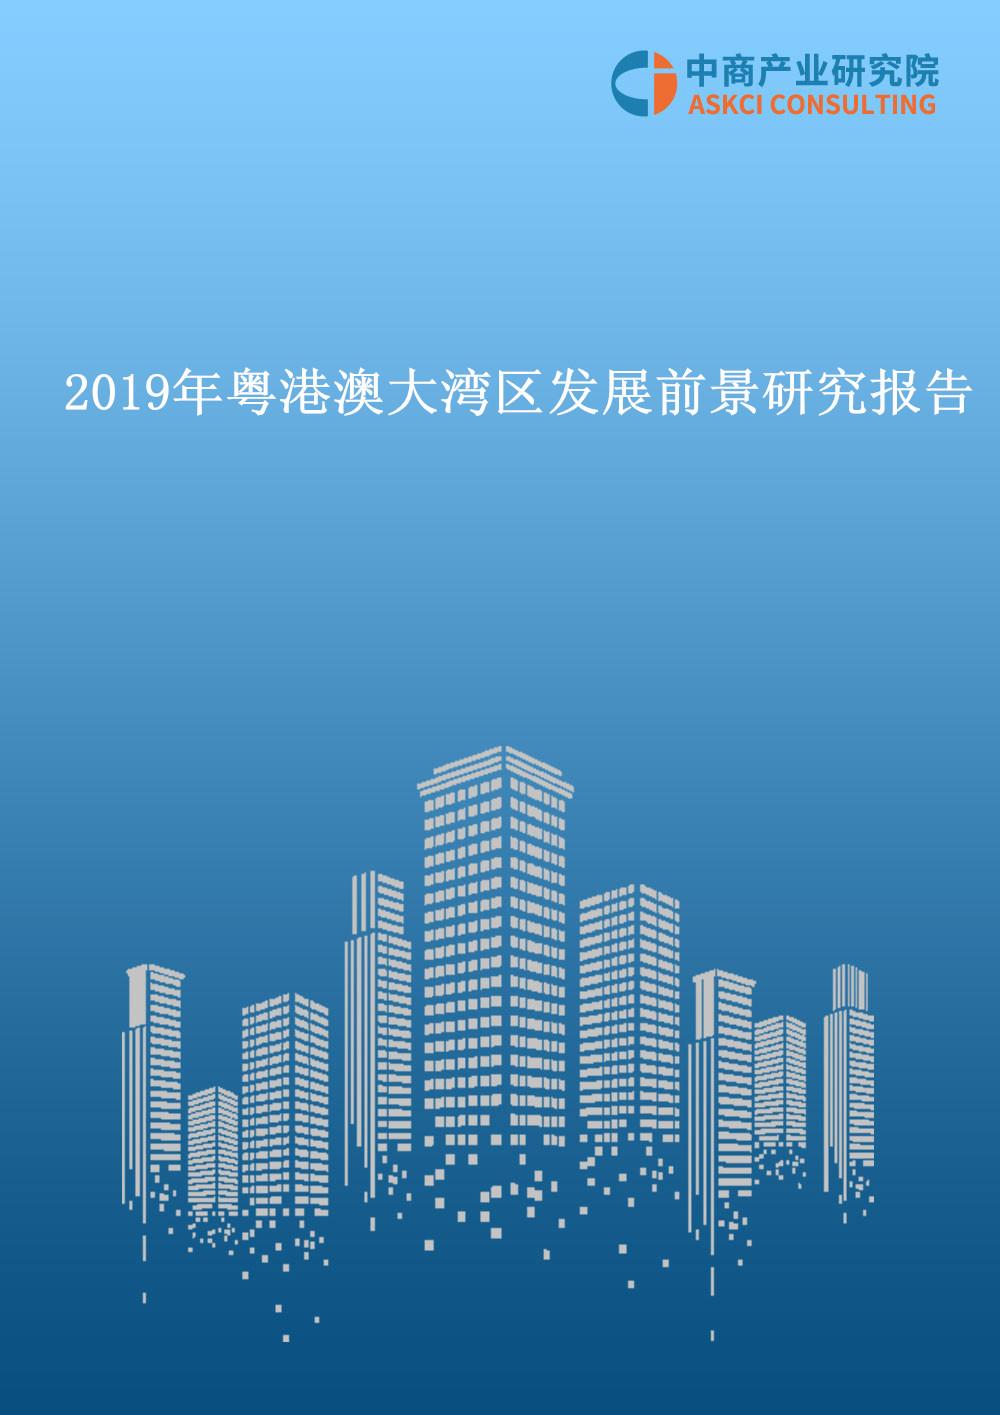 2019年粤港澳大湾区投资前景研究报告